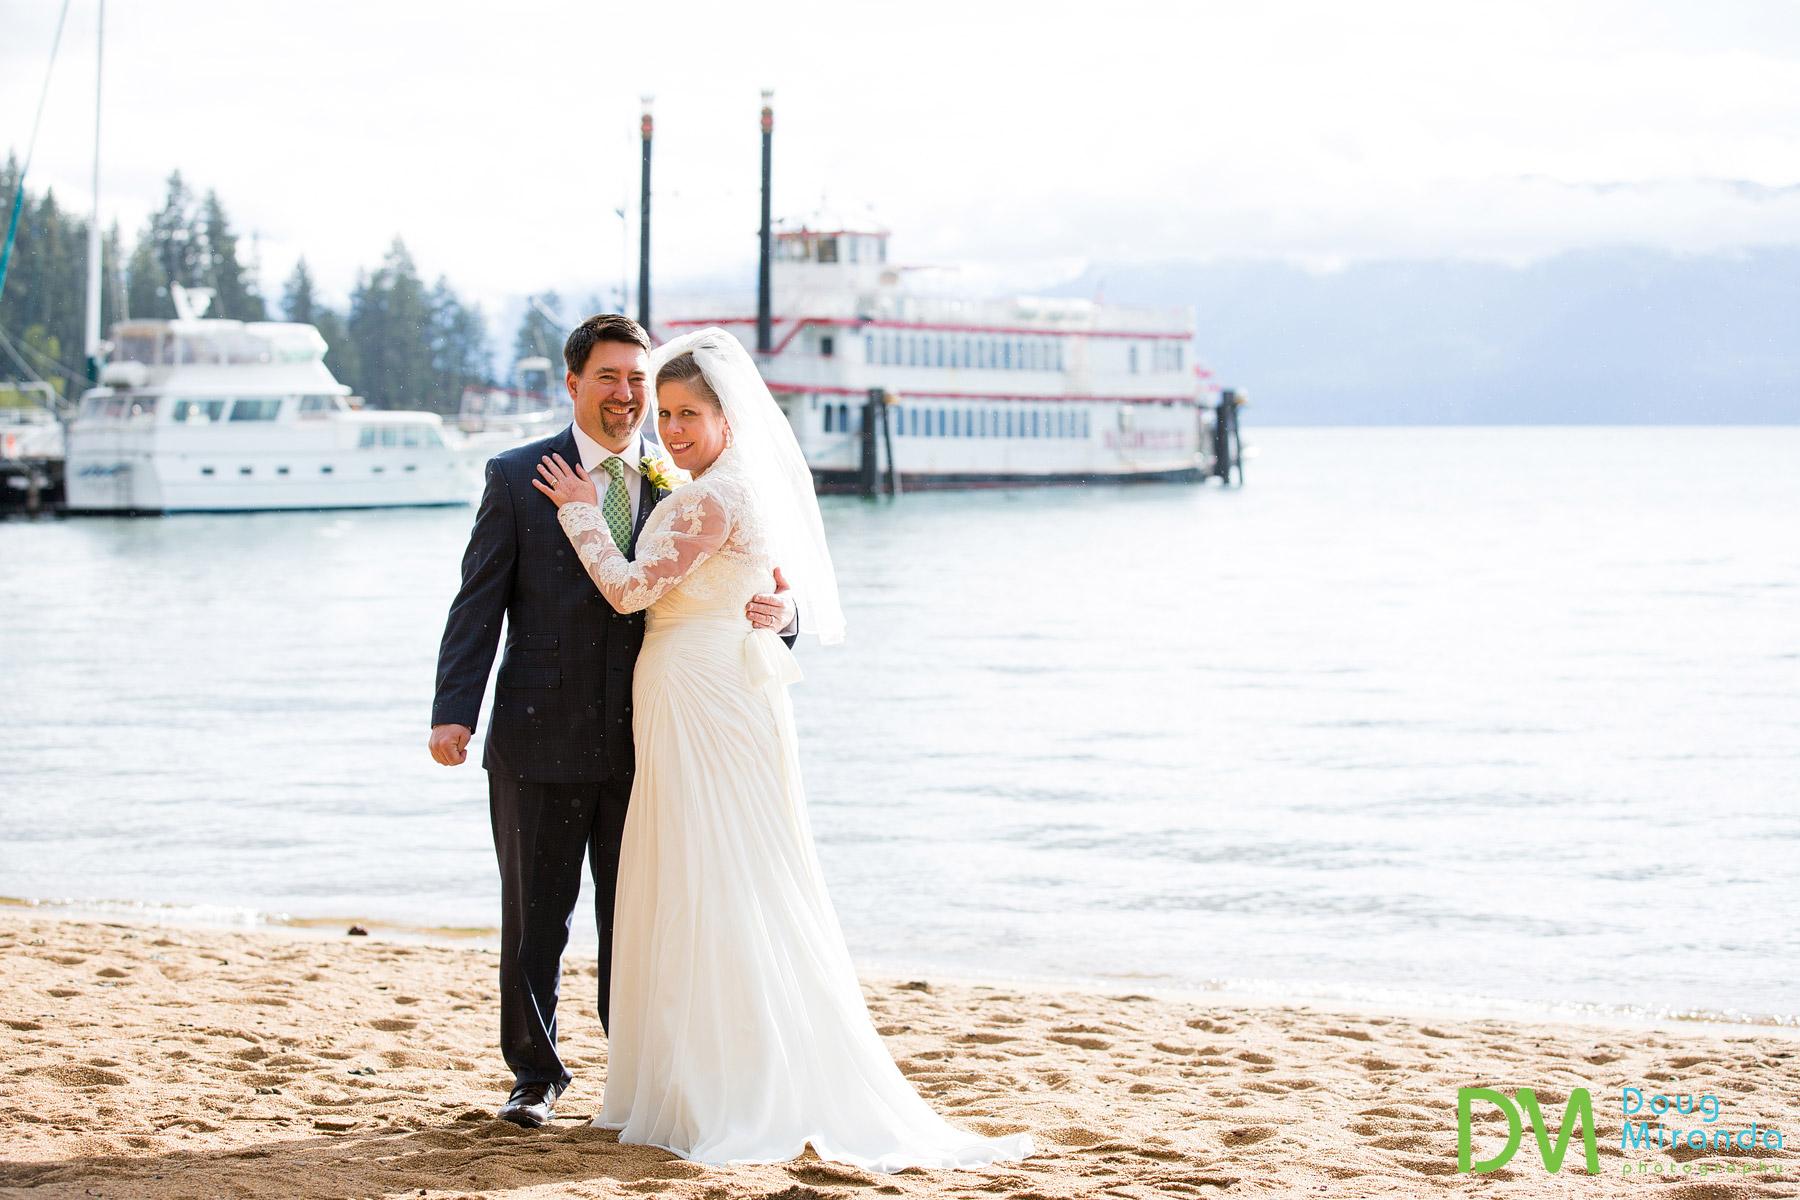 zephyr cove resort weddings